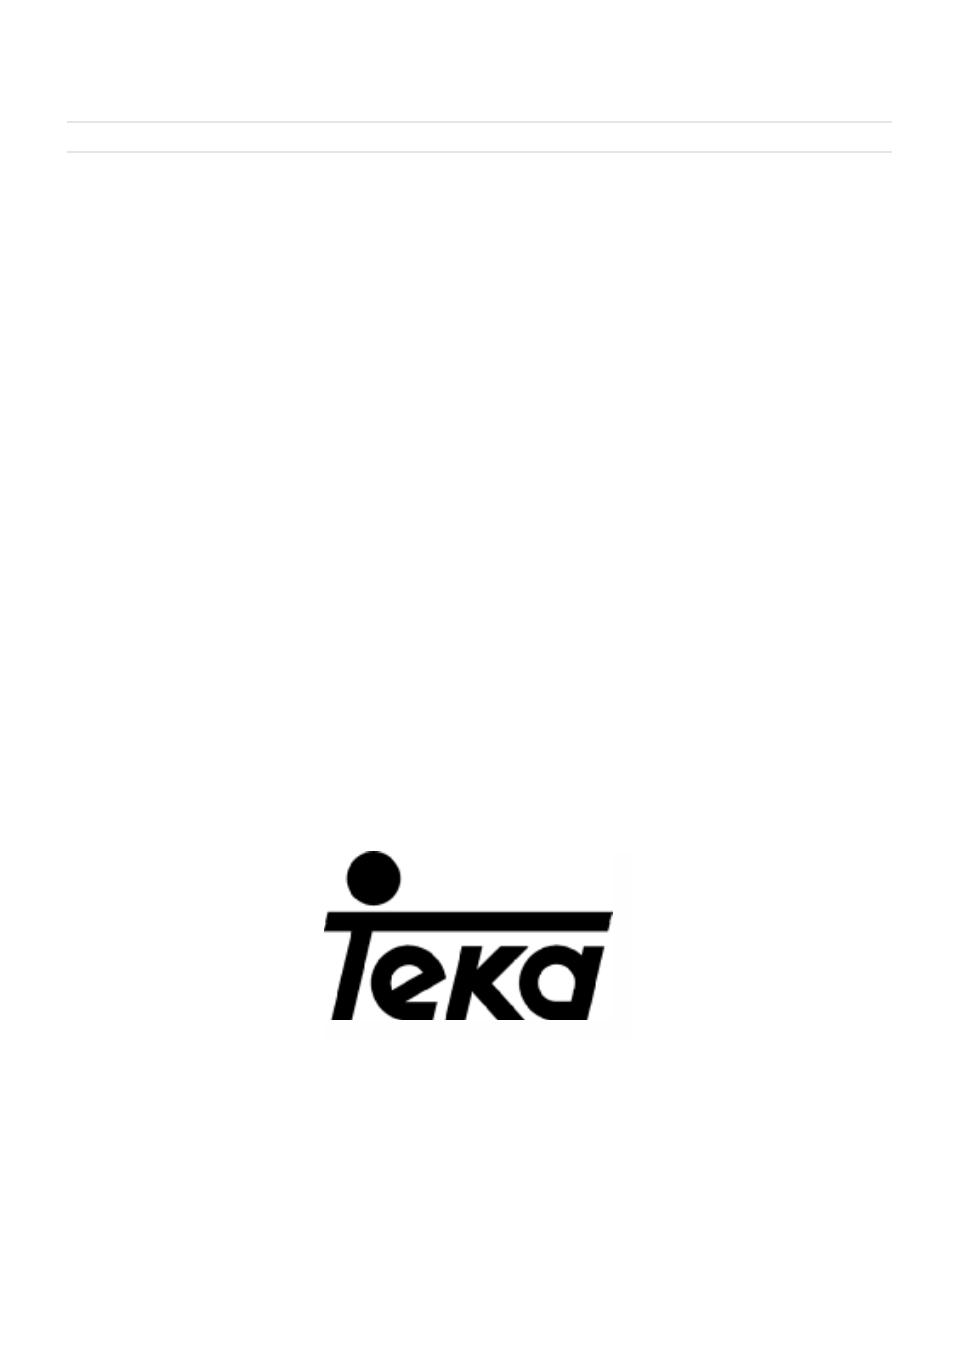 Teka Tm 620 Manuel D Utilisation Page 39 39